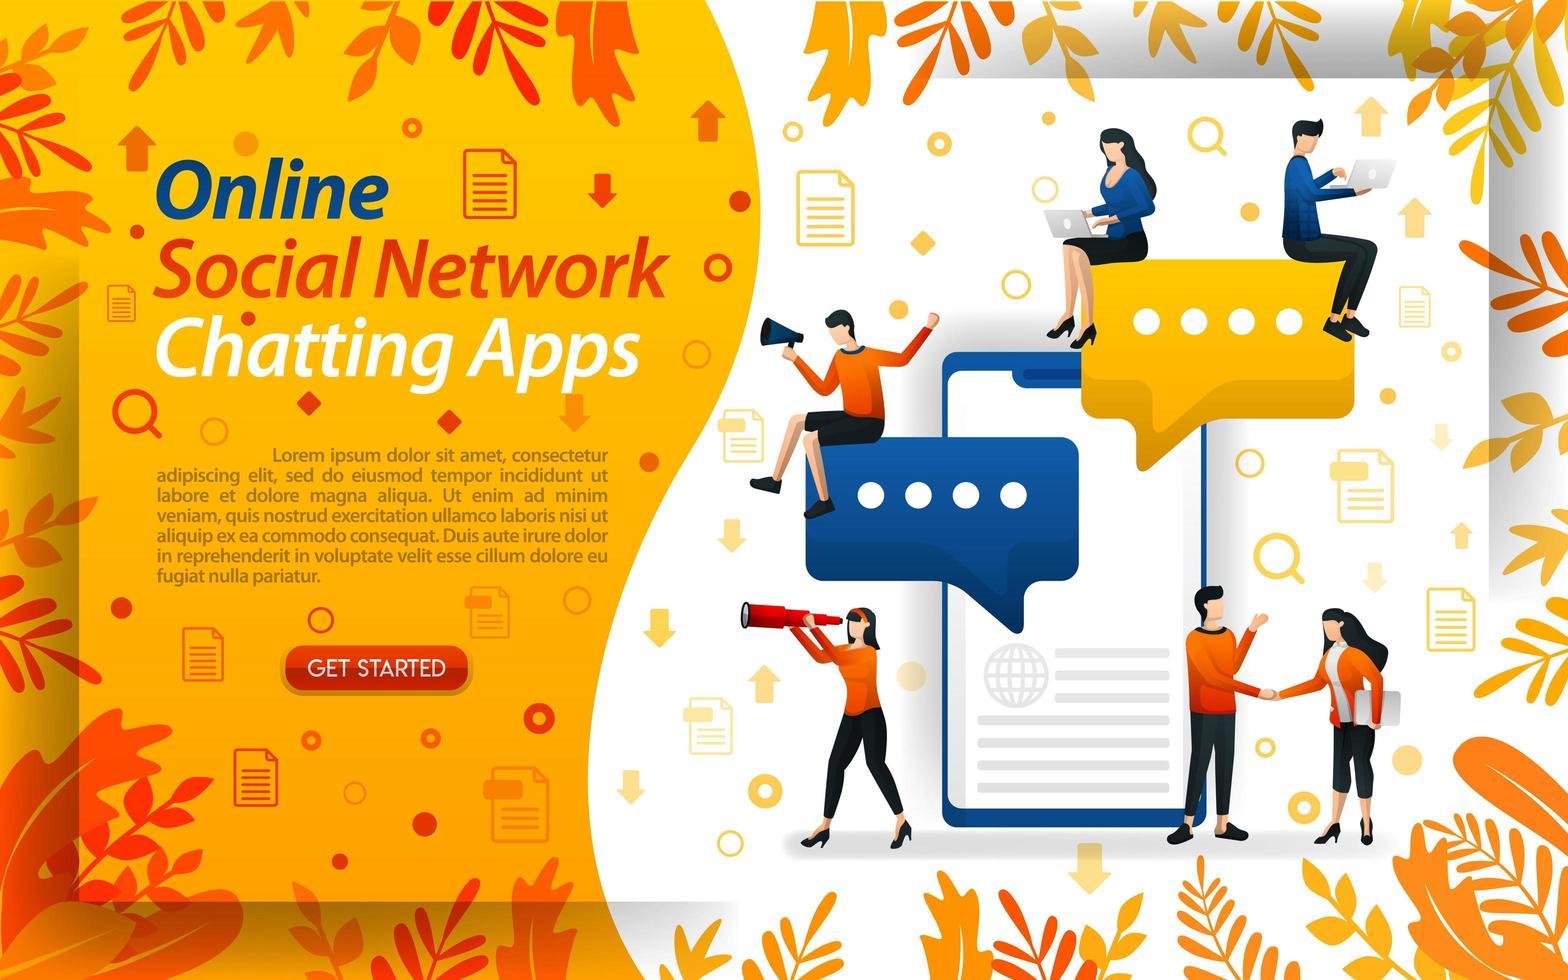 onlinechattappar. sociala nätverk för att skicka meddelanden. mobilappar för chatt, konceptvektorillustration. kan användas för, målsida, mall, ui, webb, mobilapp, affisch, banner, flayer vektor